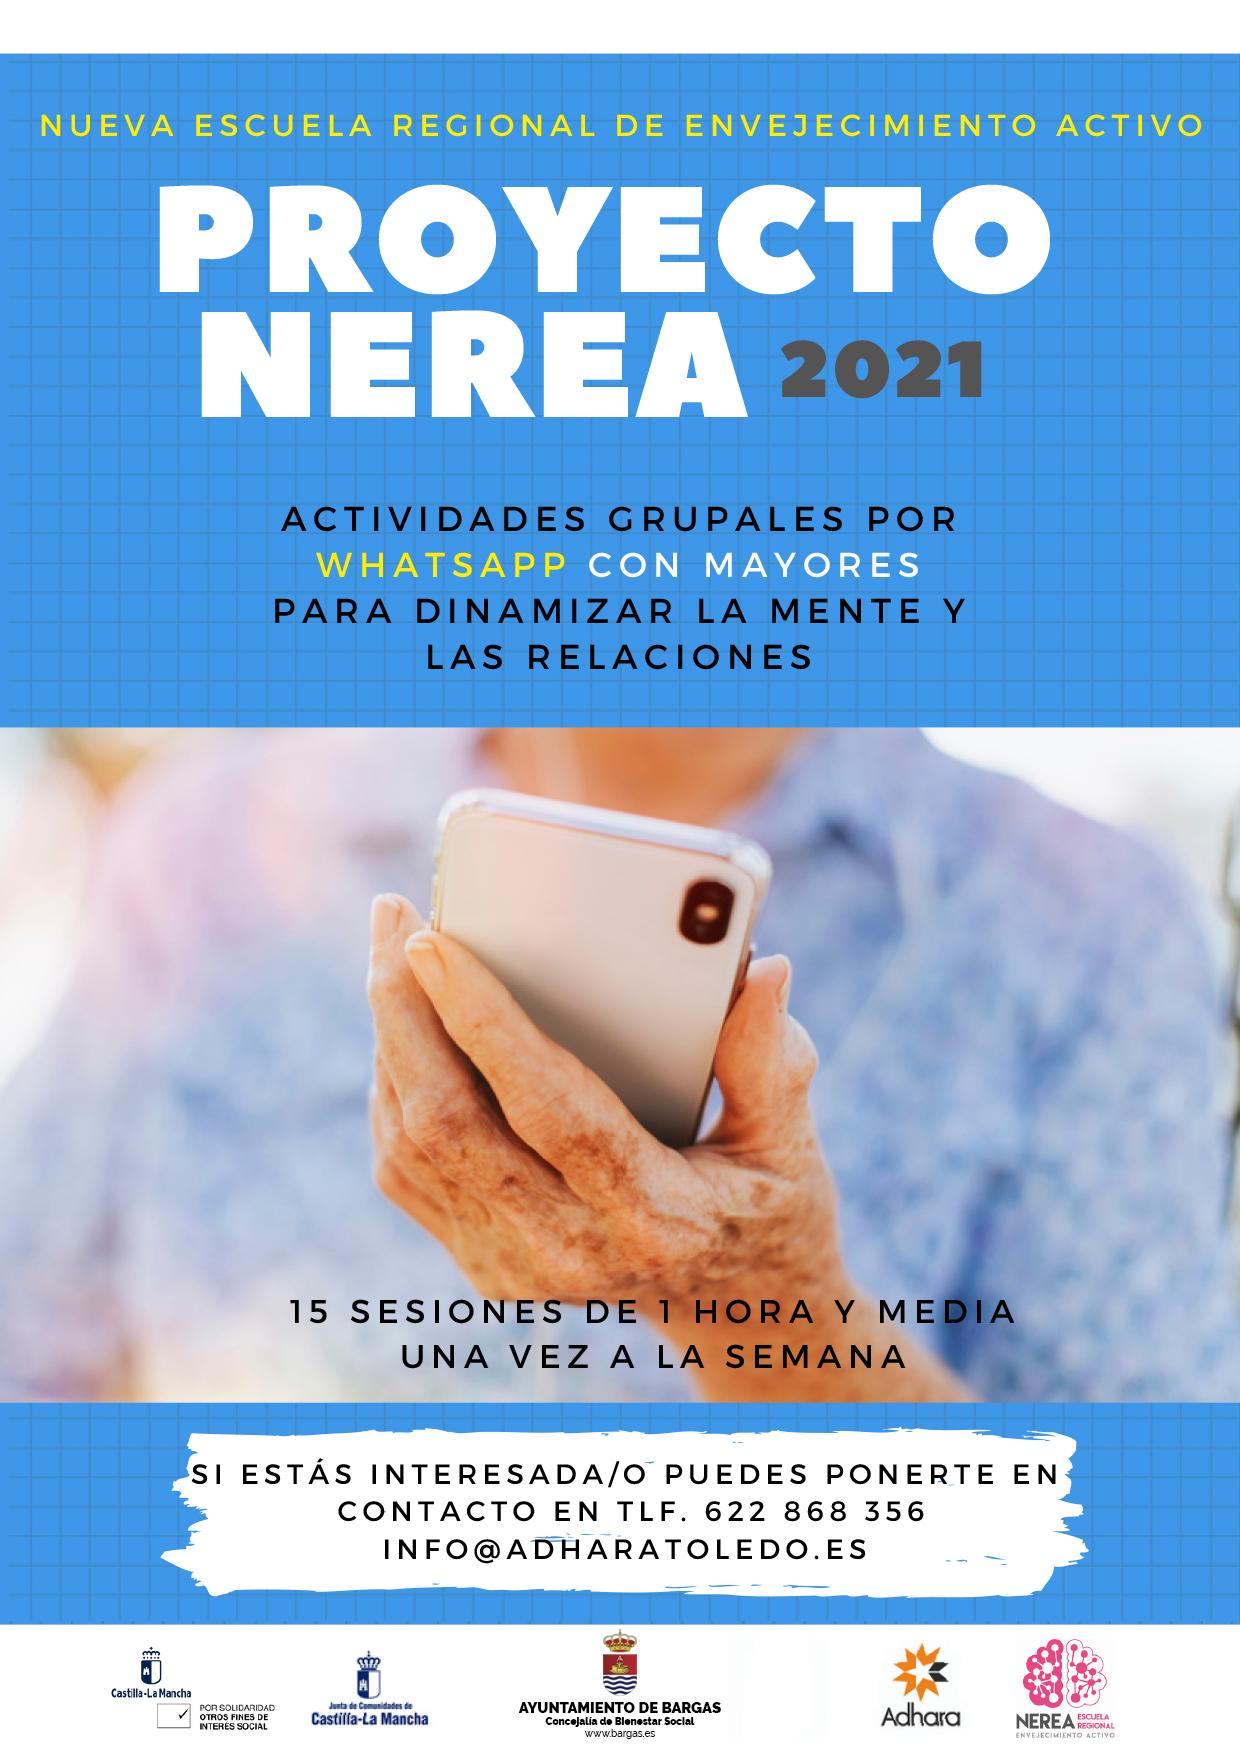 Proyecto Nerea 2021: Envejecimiento activo